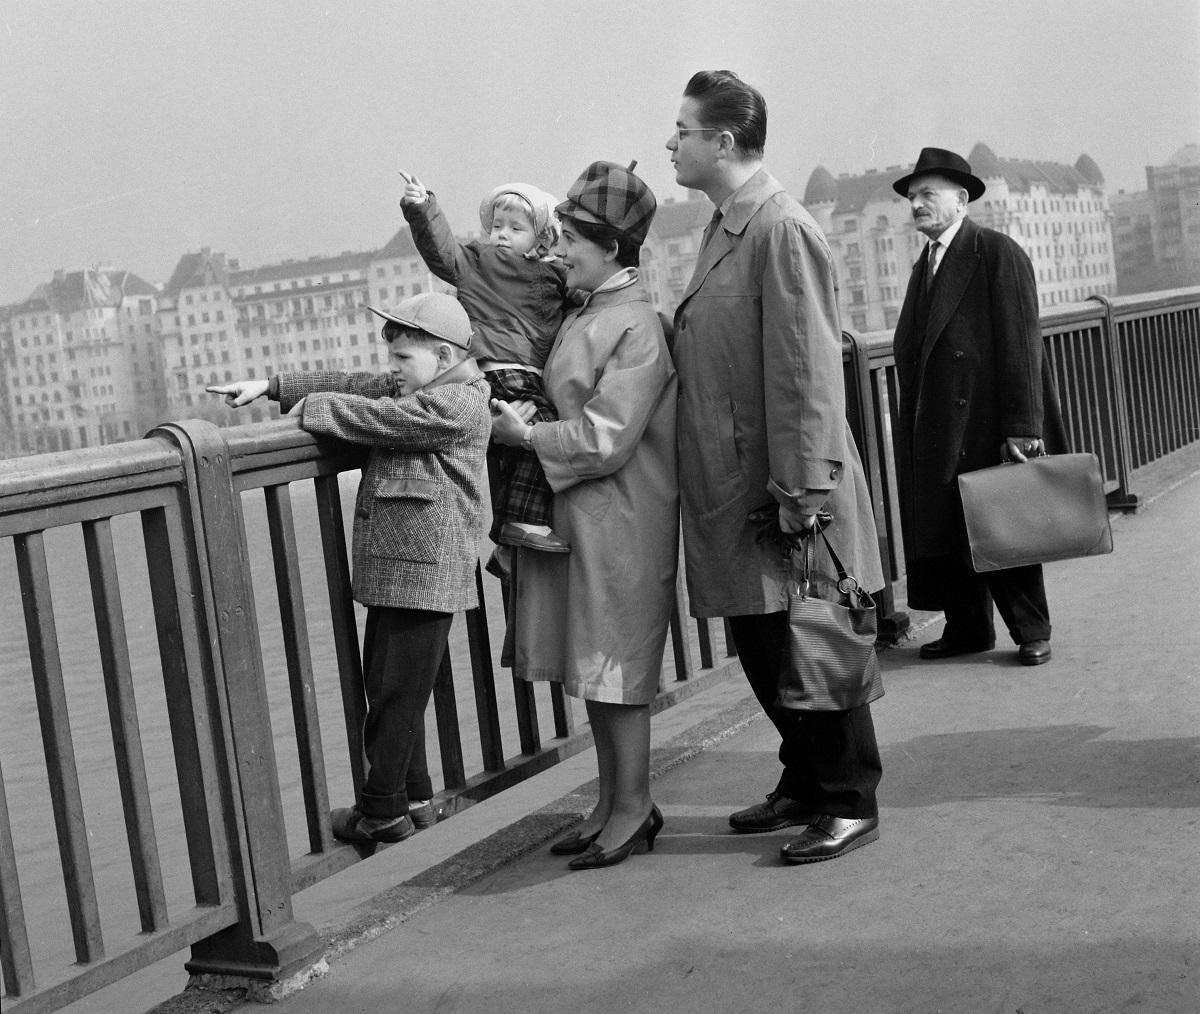 Fotó: Margit híd, háttérben a Palatinus házak, Budapest, Magyarország, 1964 © Fortepan / Hunyady József